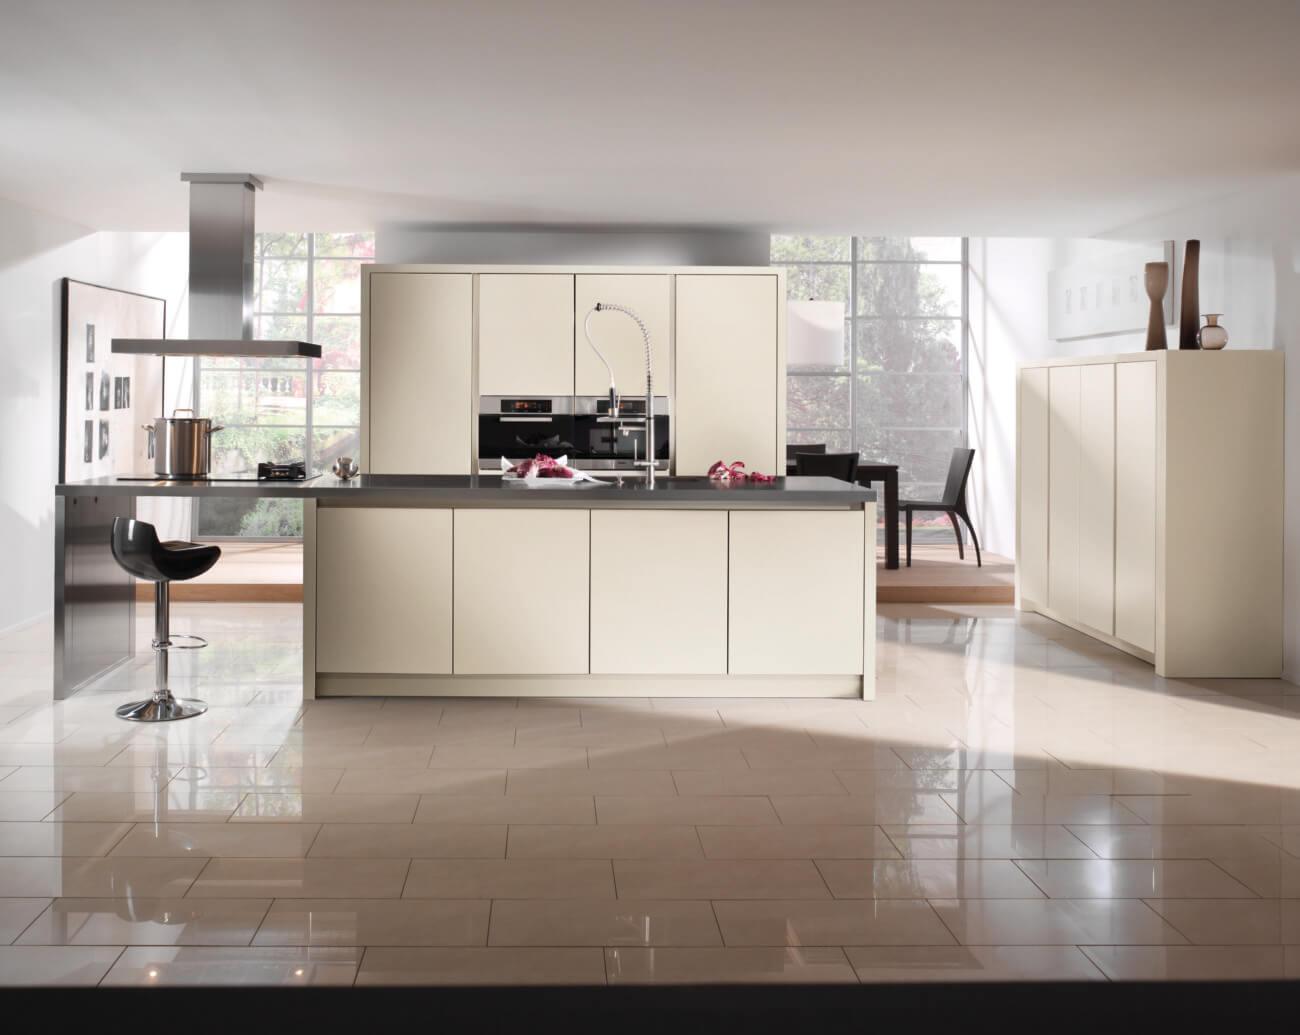 Full Size of Magnolia Farbe Magnolie Als Kchenfarbe Ideen Und Bilder Fr Kchenplanung Wohnzimmer Magnolia Farbe